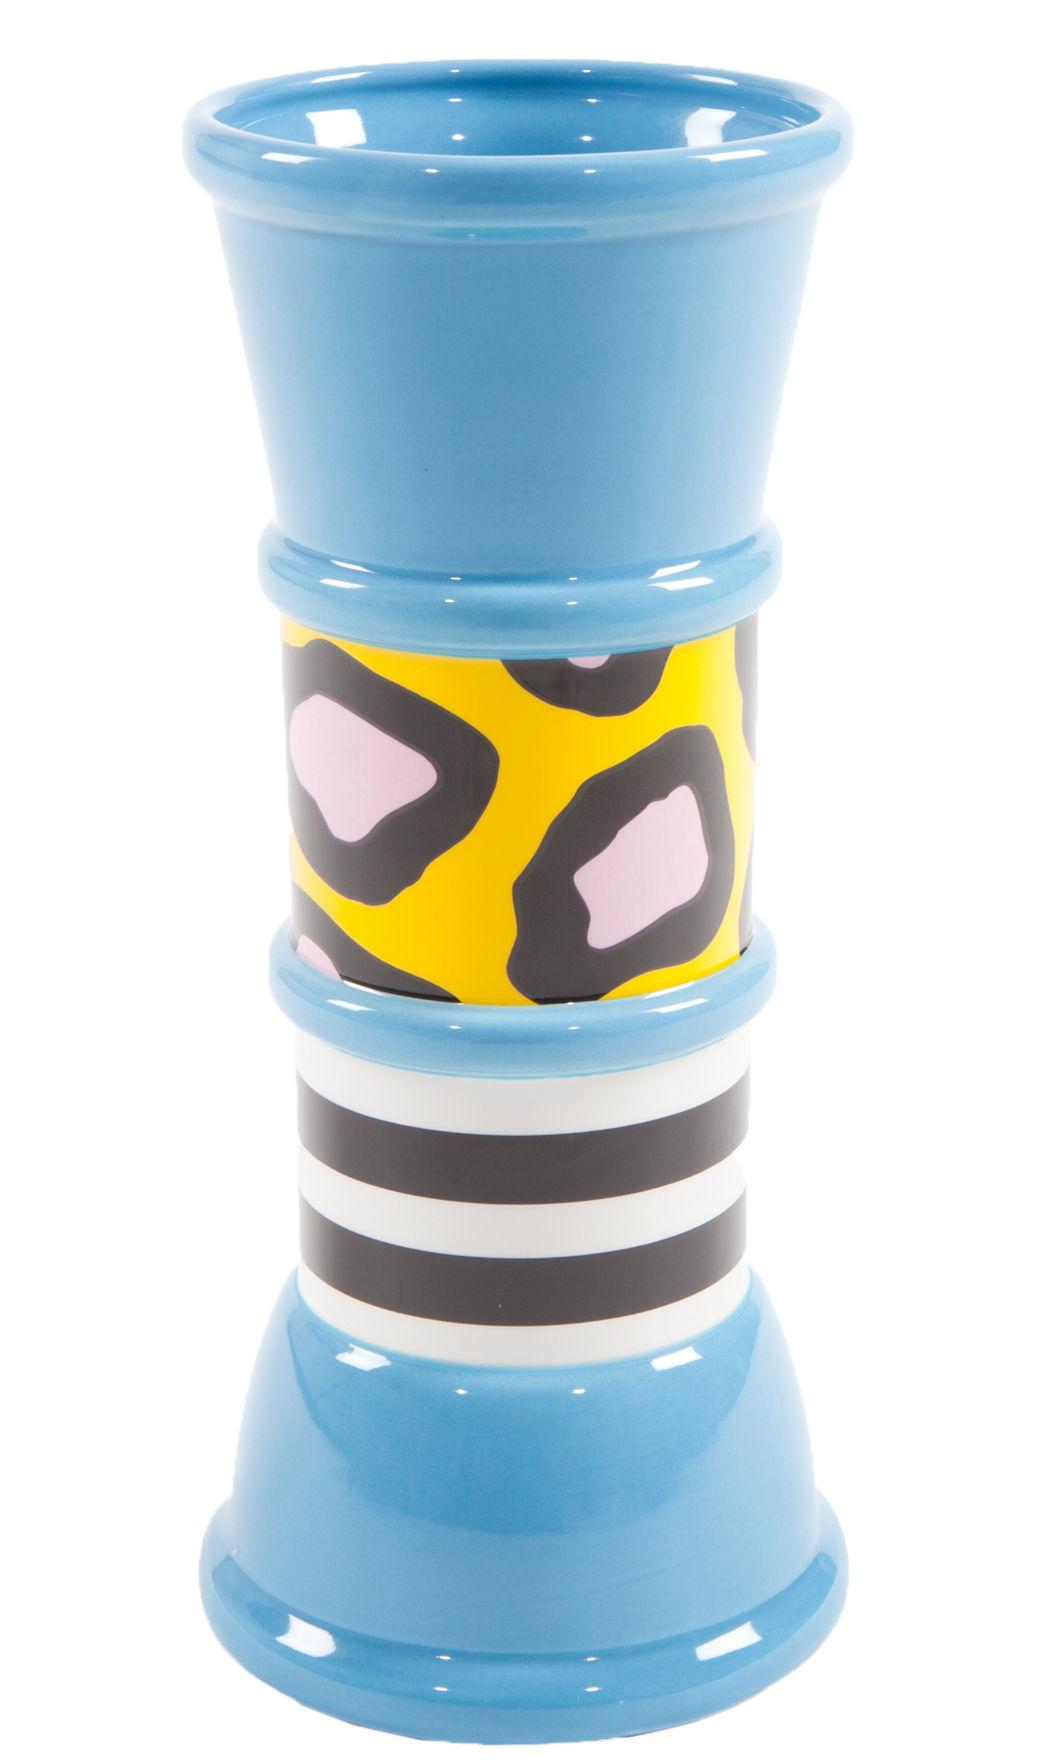 Déco - Vases - Vase Carrot by Nathalie du Pasquier / 1985 - Memphis Milano - Multicolore - Céramique